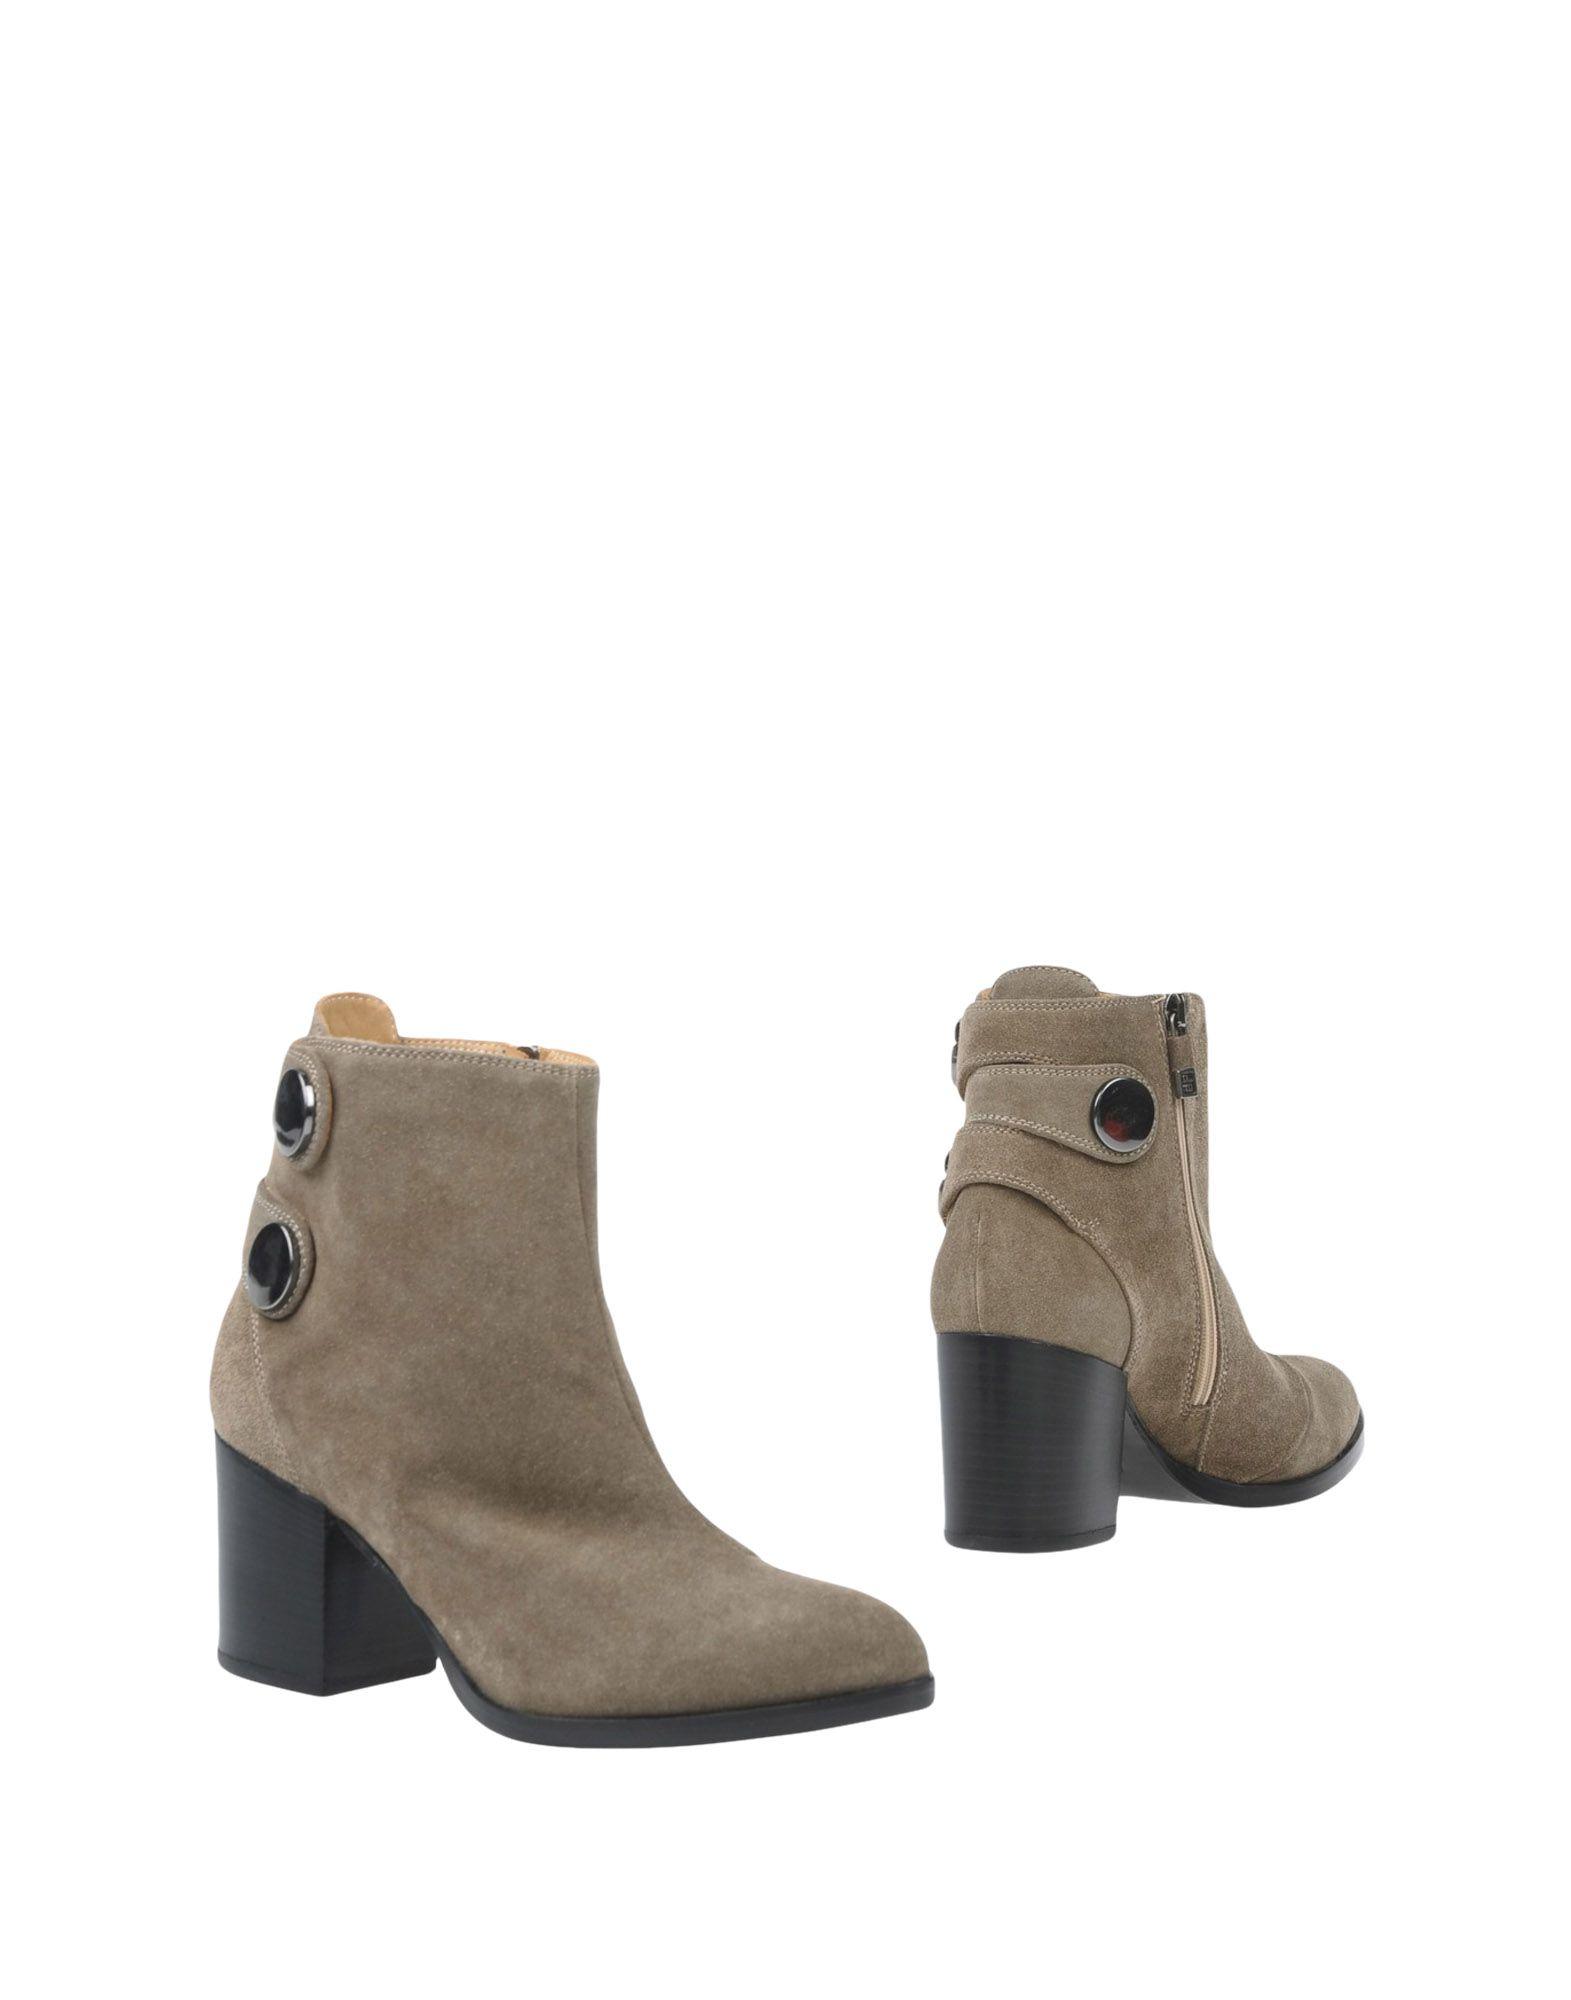 Alberto Fermani Stiefelette Damen  11293852AQ Gute Qualität beliebte Schuhe